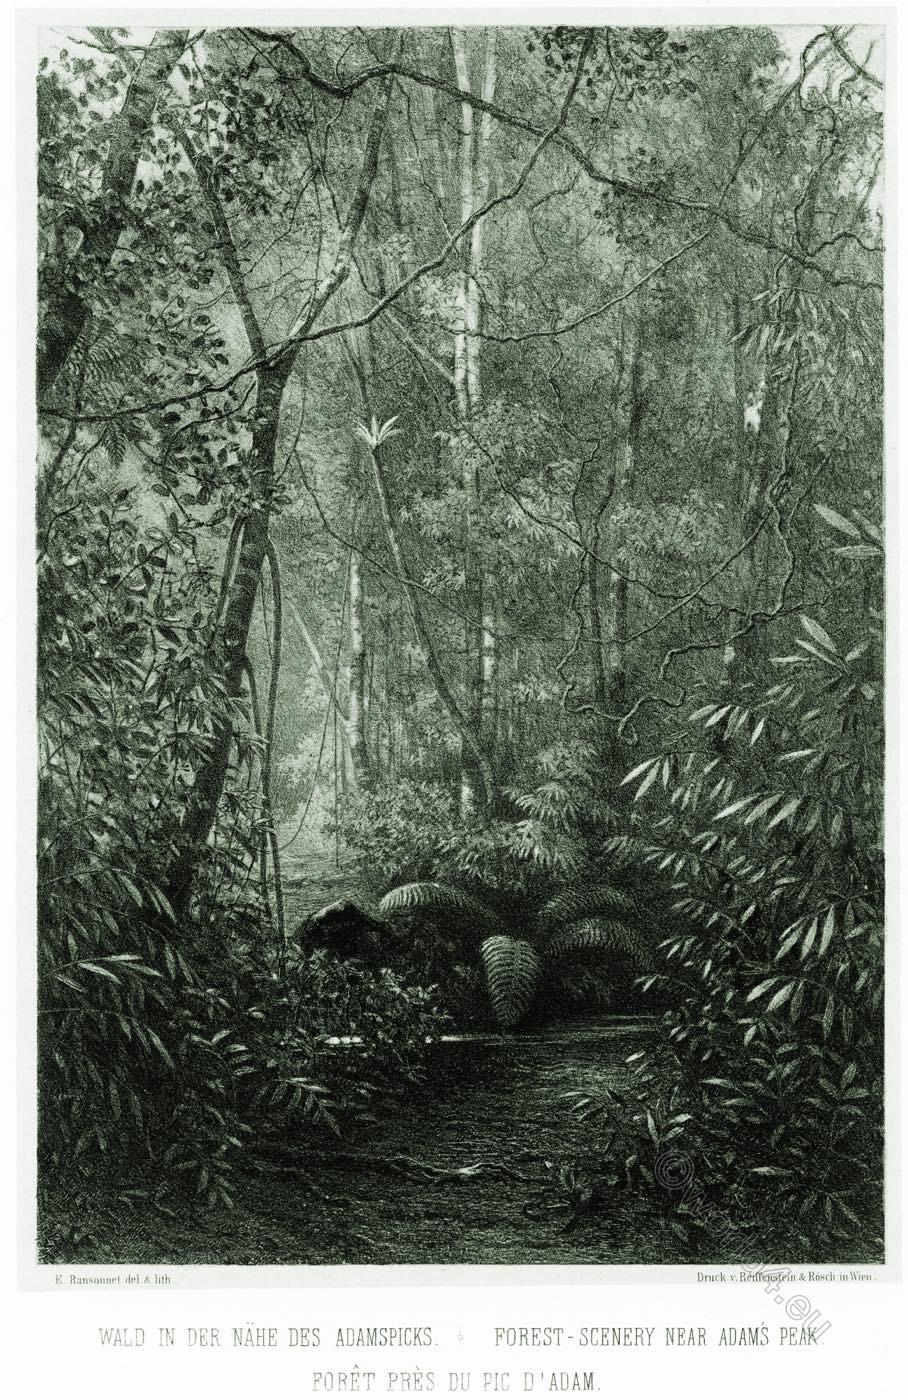 Forest, scenery, Adams Peak, Sri Lanka,